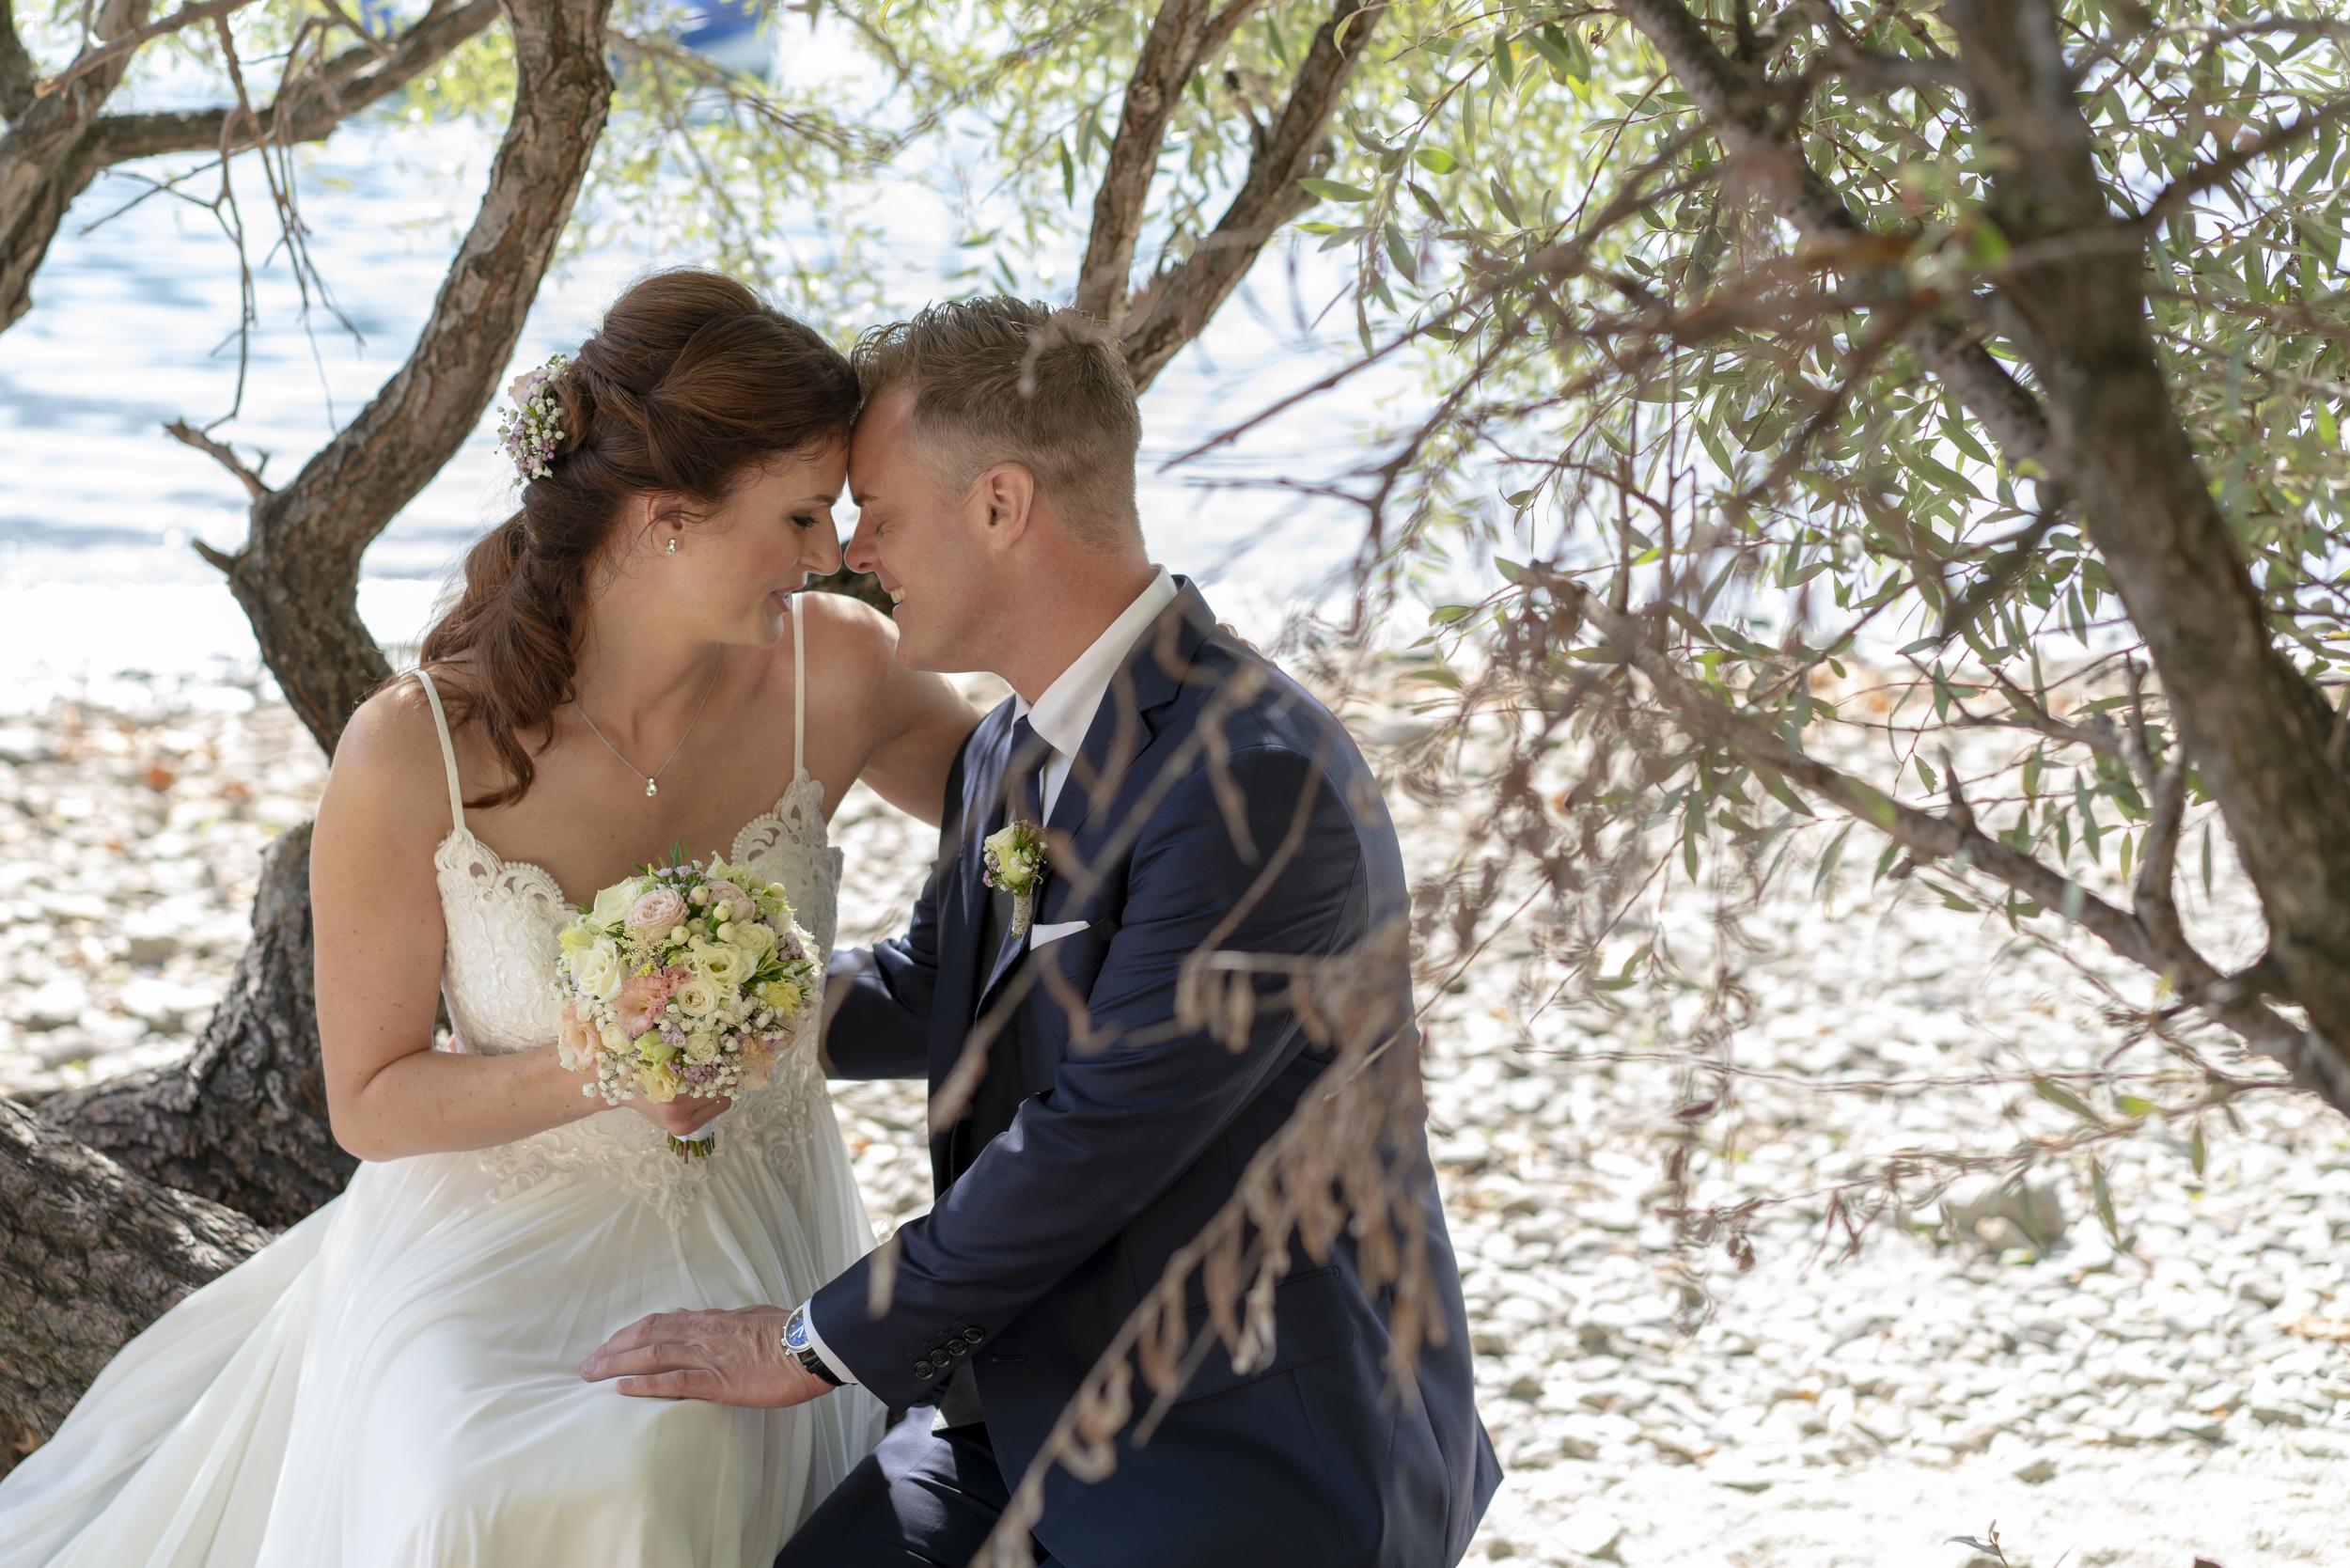 Hochzeit Sonya & Silvan, dh, 22.9.18-85.